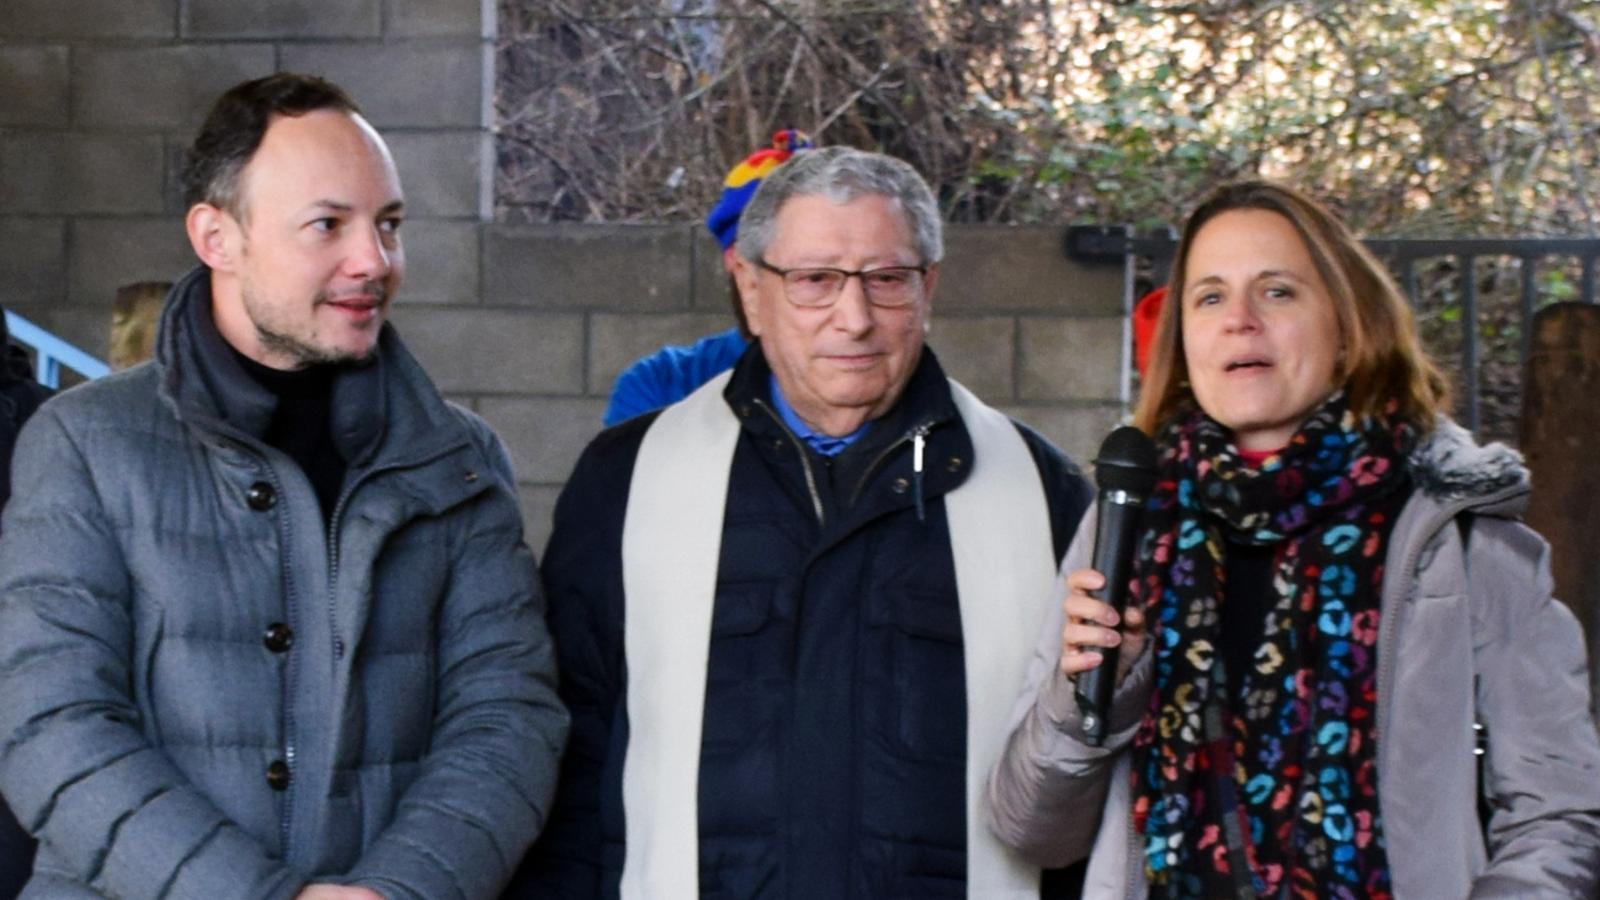 El cap de Govern, Xavier Espot, durant de celebració de l'escudella de Sant Antoni d'Escaldes-Engordany. / ANA